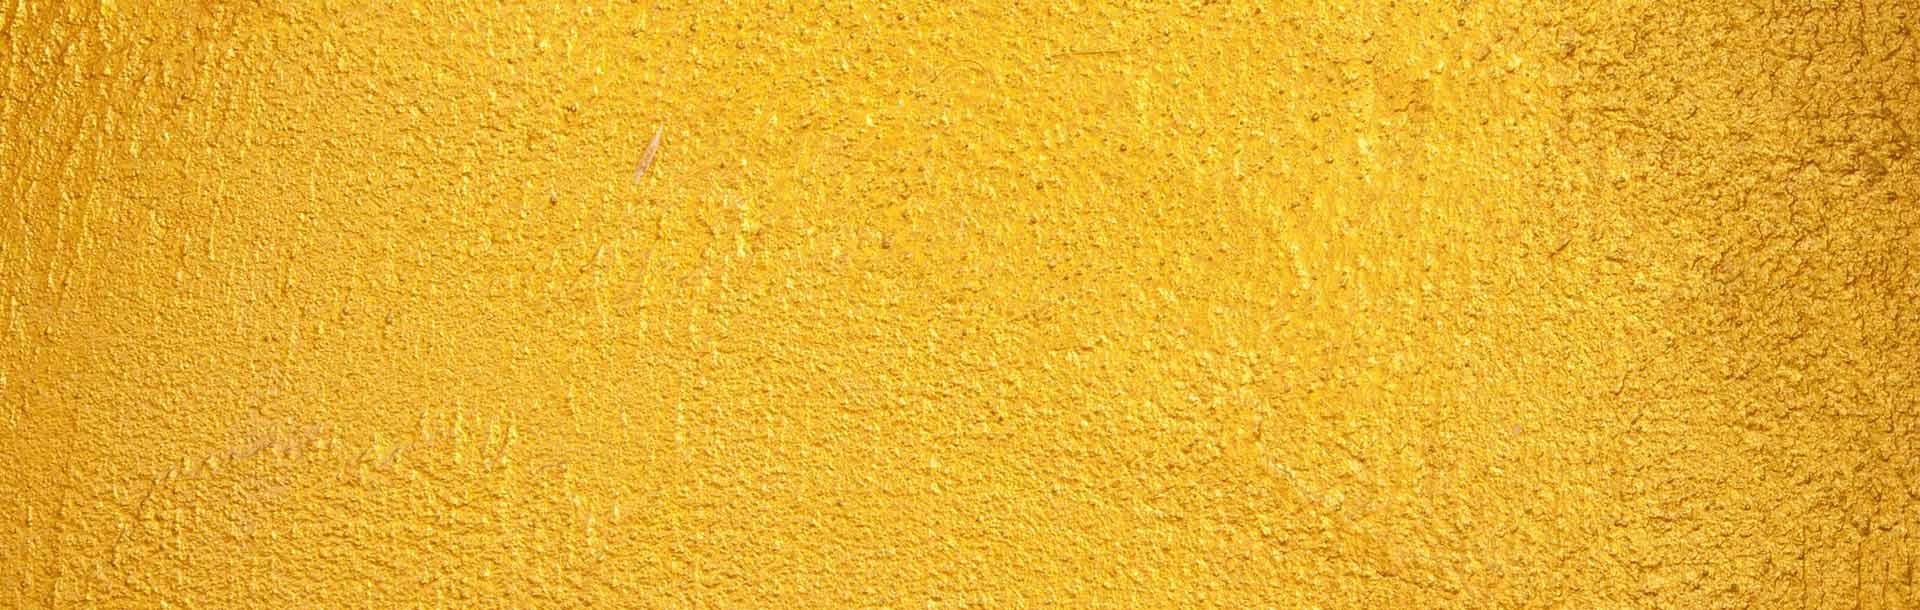 ایده استفاده از رنگ در طراحی داخلی